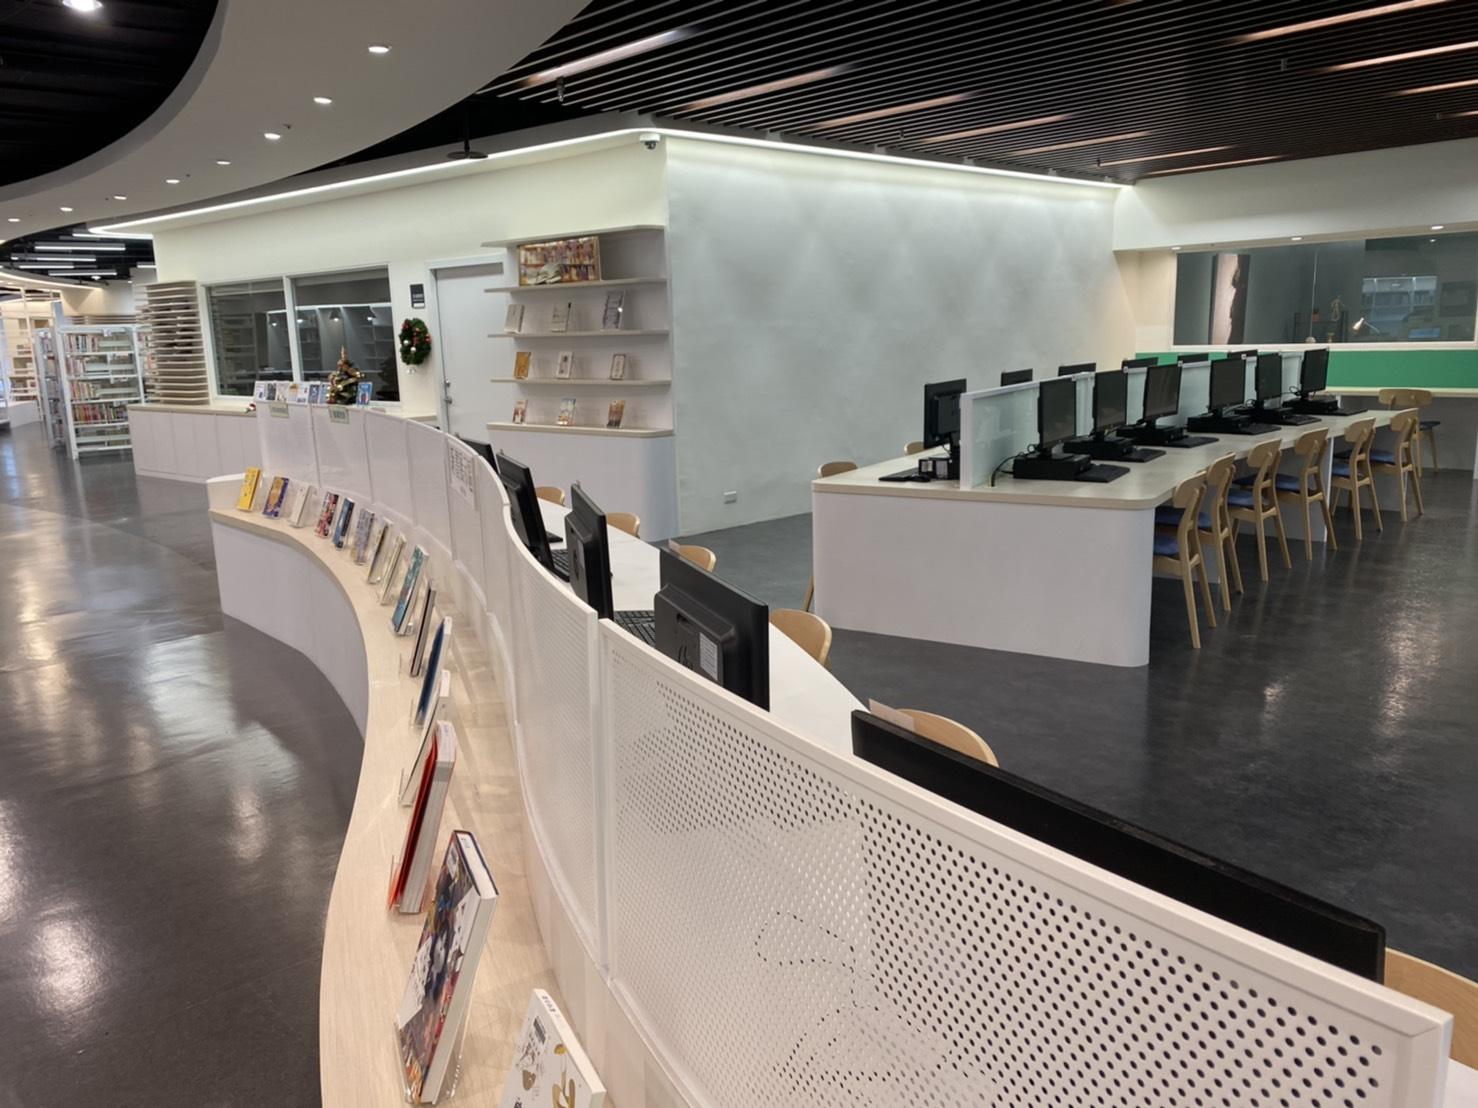 109年新店分館館內空間照片